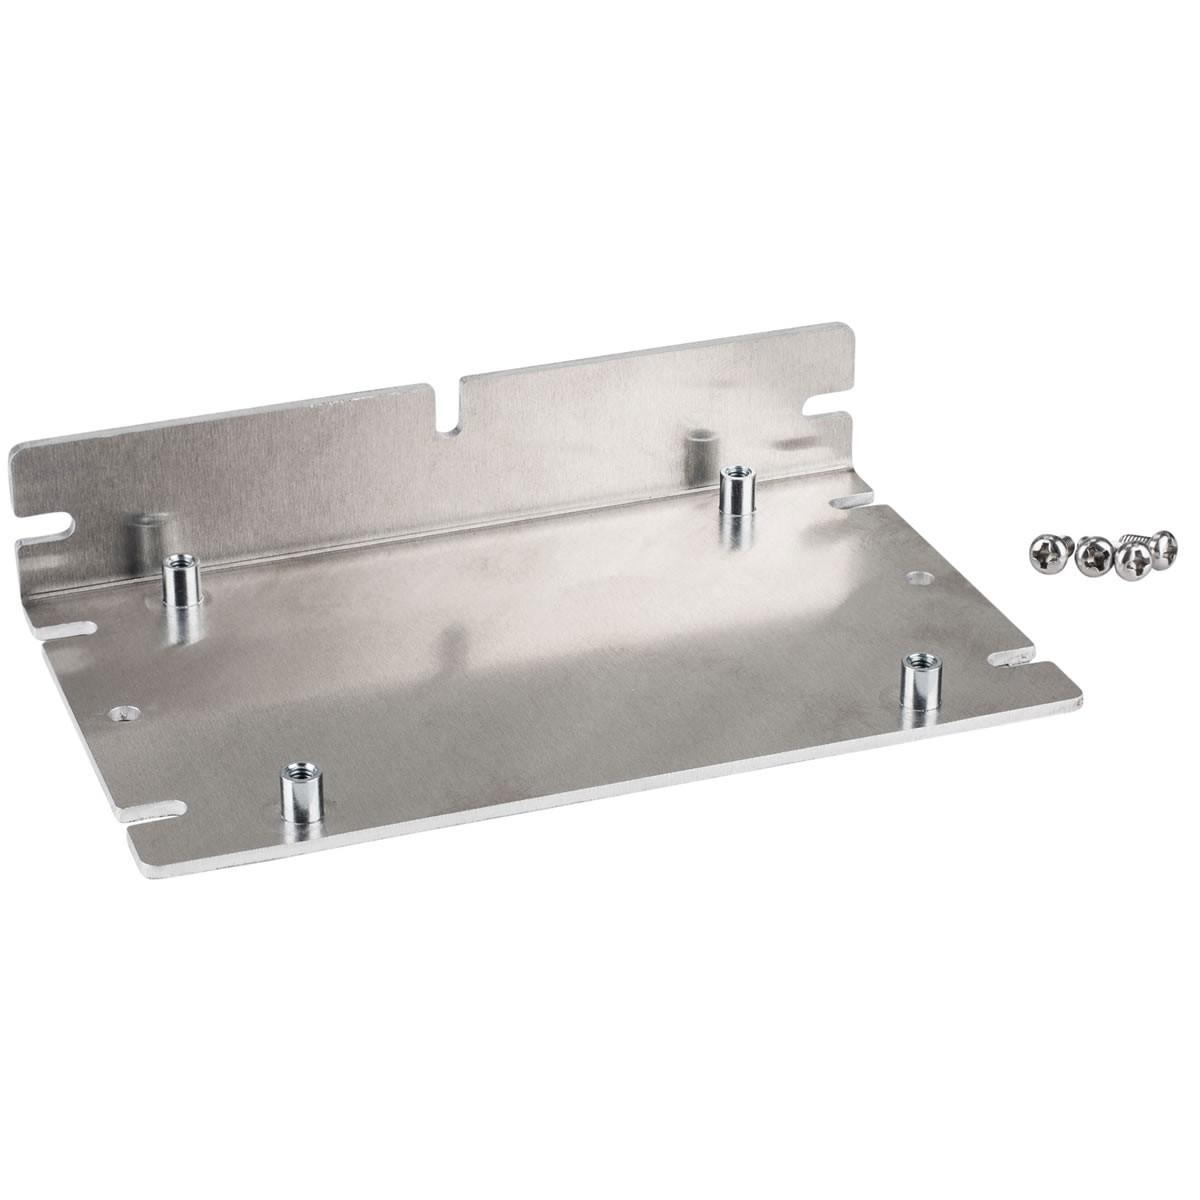 WONDOM AA-JA11115 Fixation support aluminium profil L pour amplificateur JAB 2